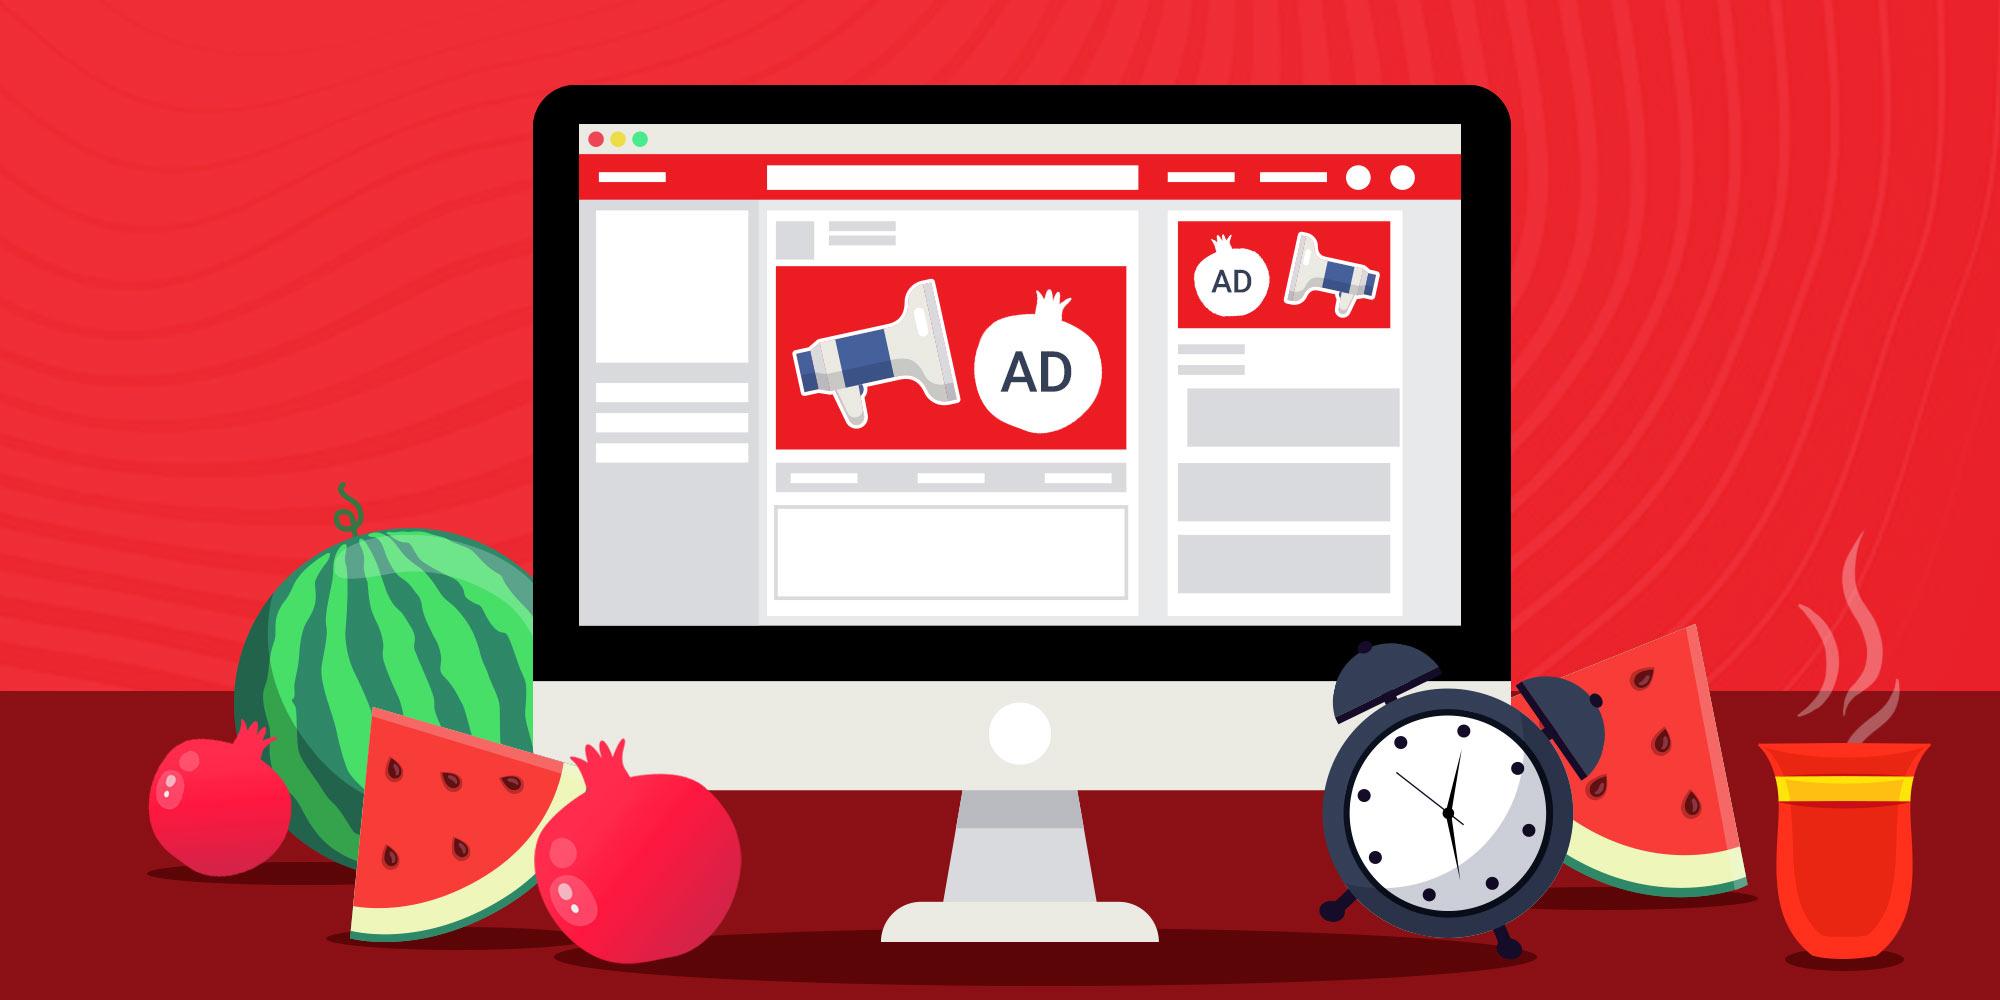 اجرای فضای یلدا در کمپین تبلیغاتی